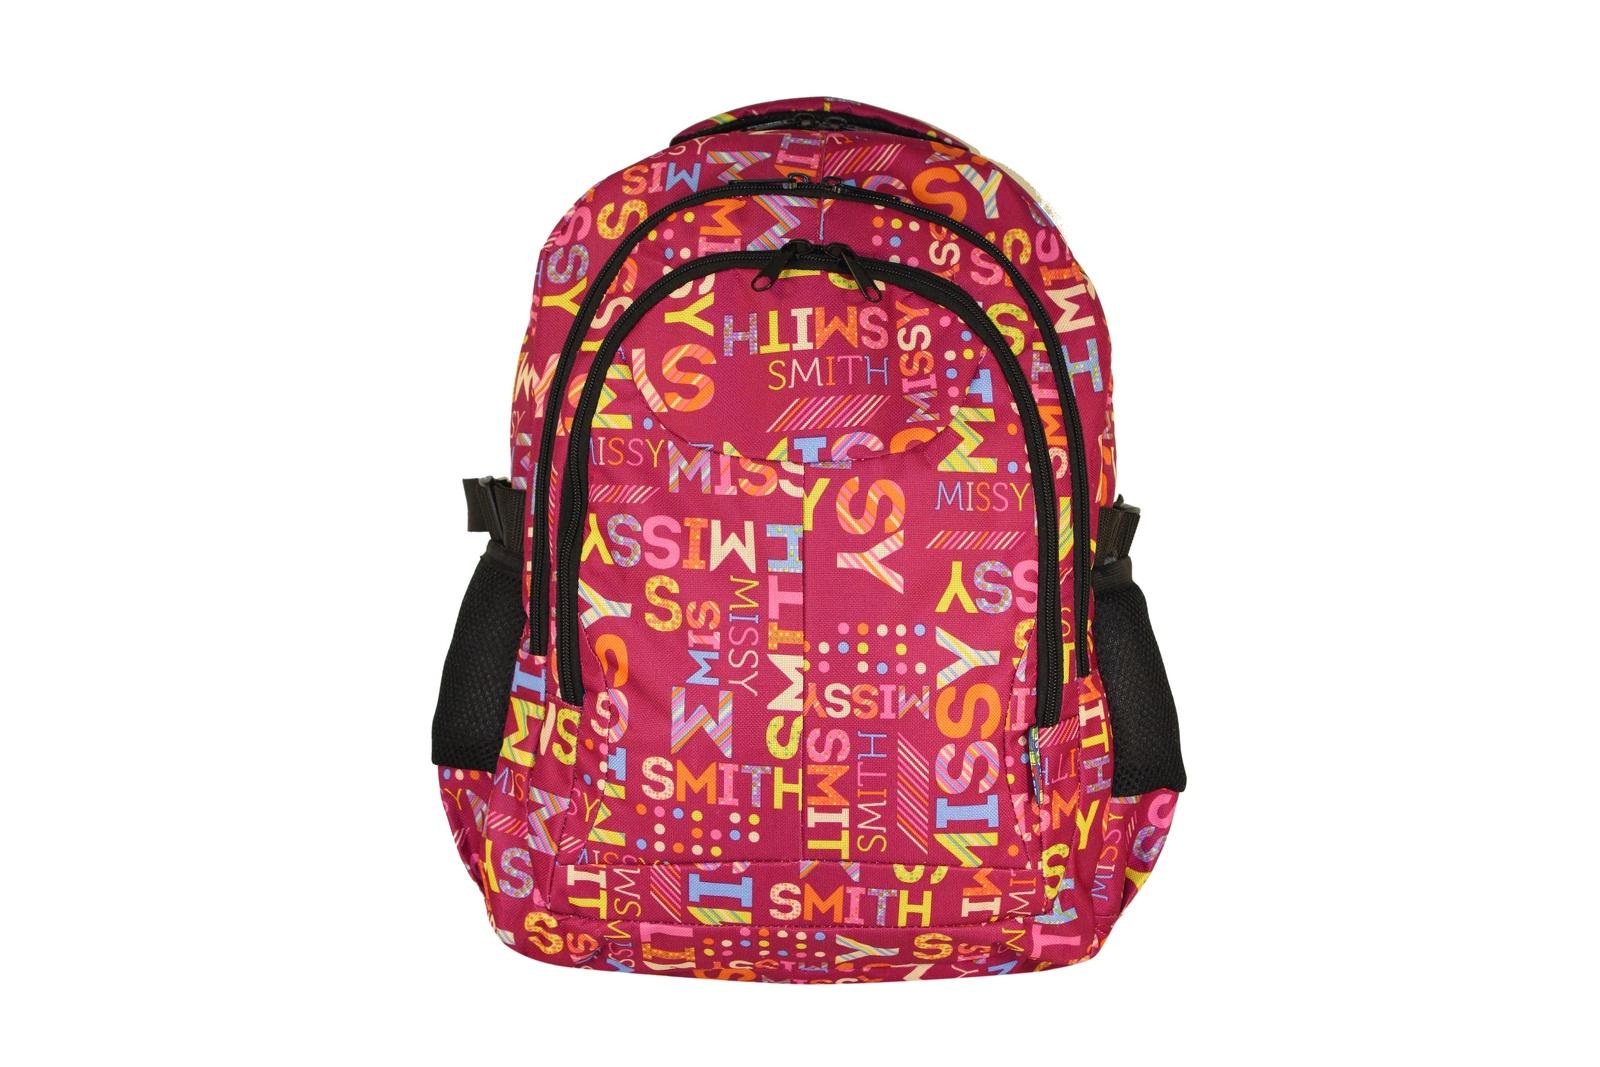 VIVACASE Рюкзак школьный Missy, 3 отделения, оксфорд, розовый (VCN-SCBMSY-pink)